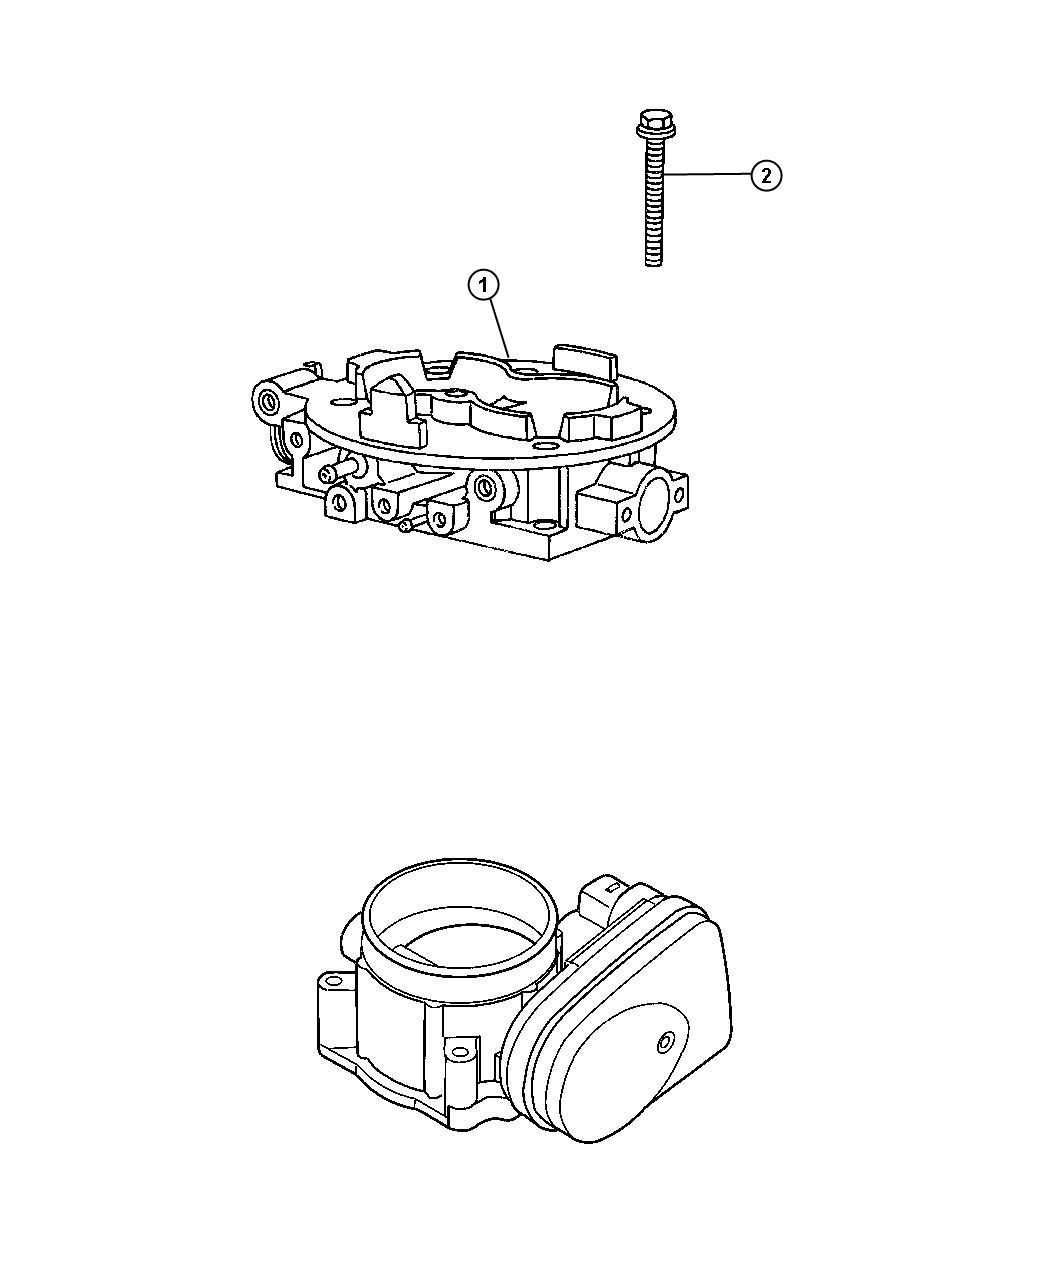 5 7 Hemi Engine Diagram P